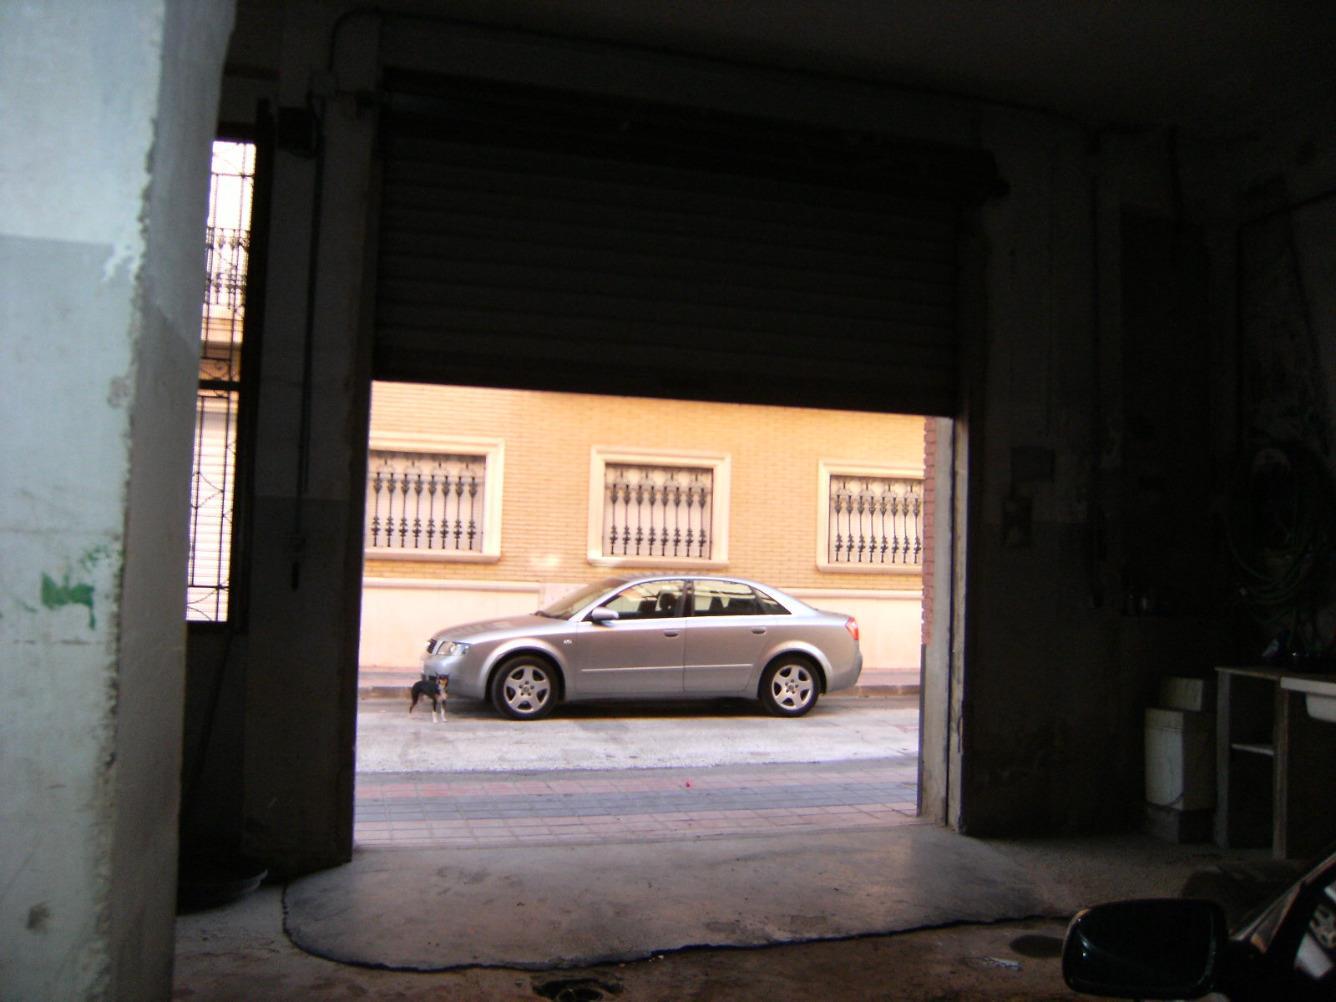 Location Local commercial  Albal, zona de ayuntamiento. Local de 7 m de fachada, puerta motorizada, diafano, baño con ba